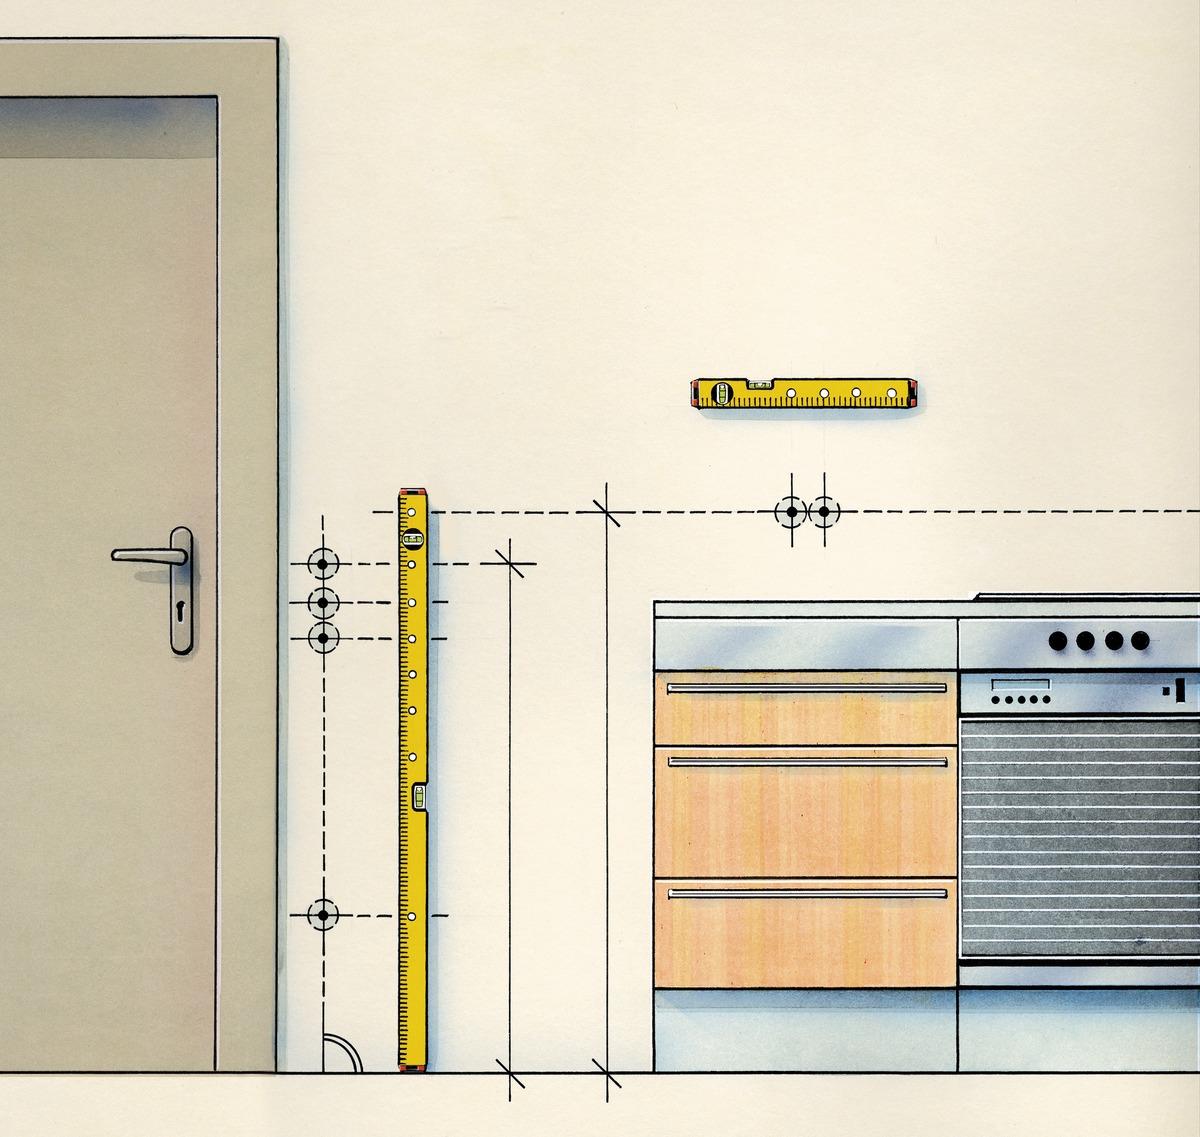 Vị trí các ổ cắm hoặc công tắc trên thước nivo thợ điện